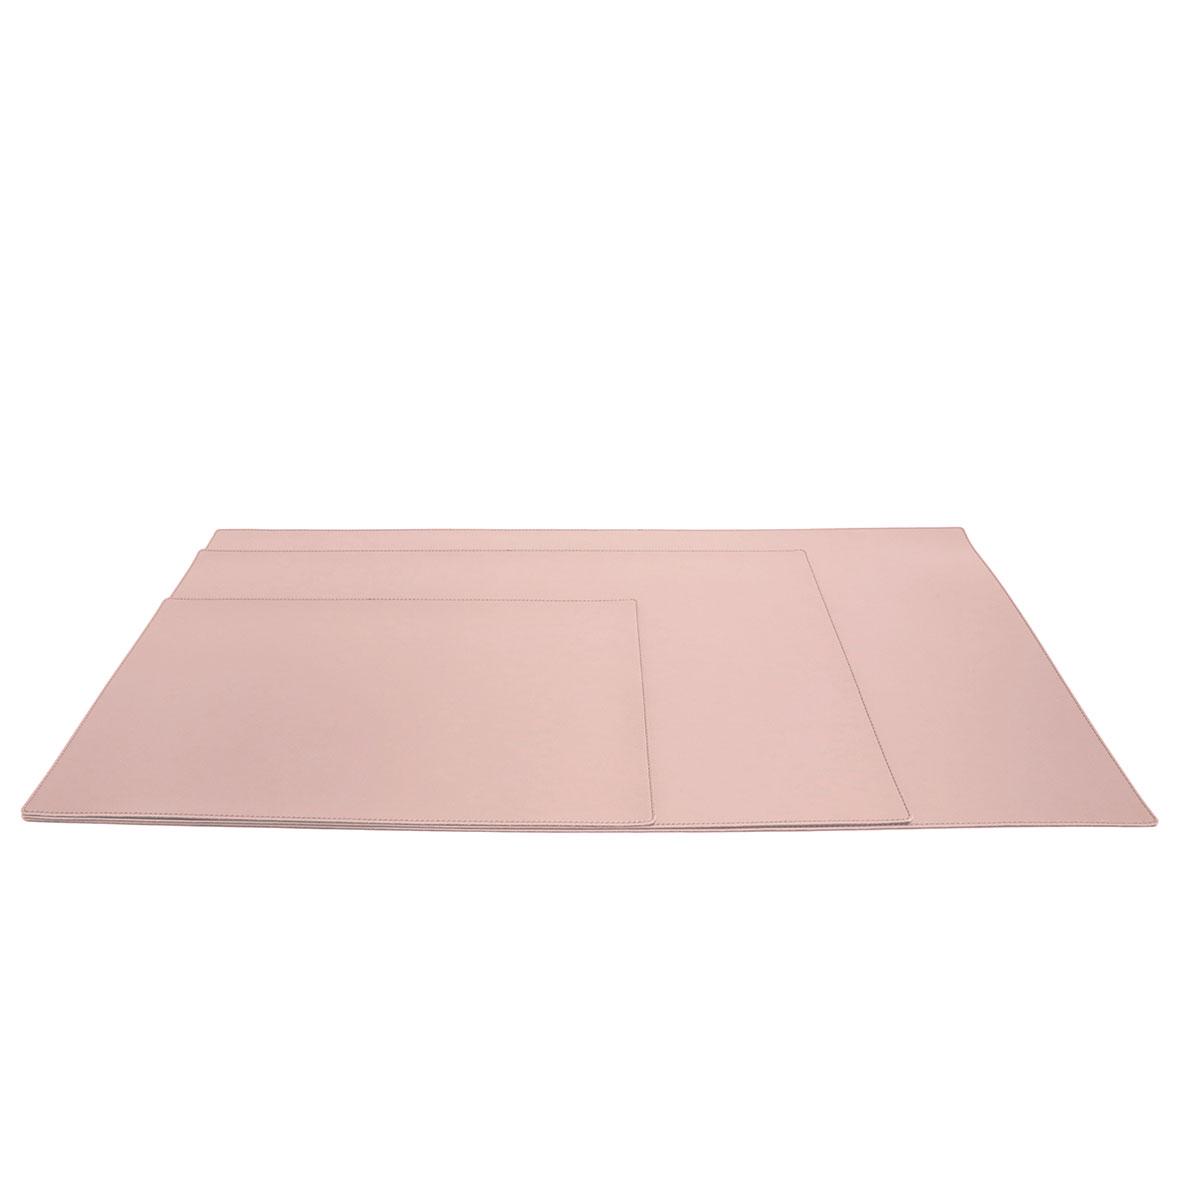 Apoio de mesa (Montana Rosé)